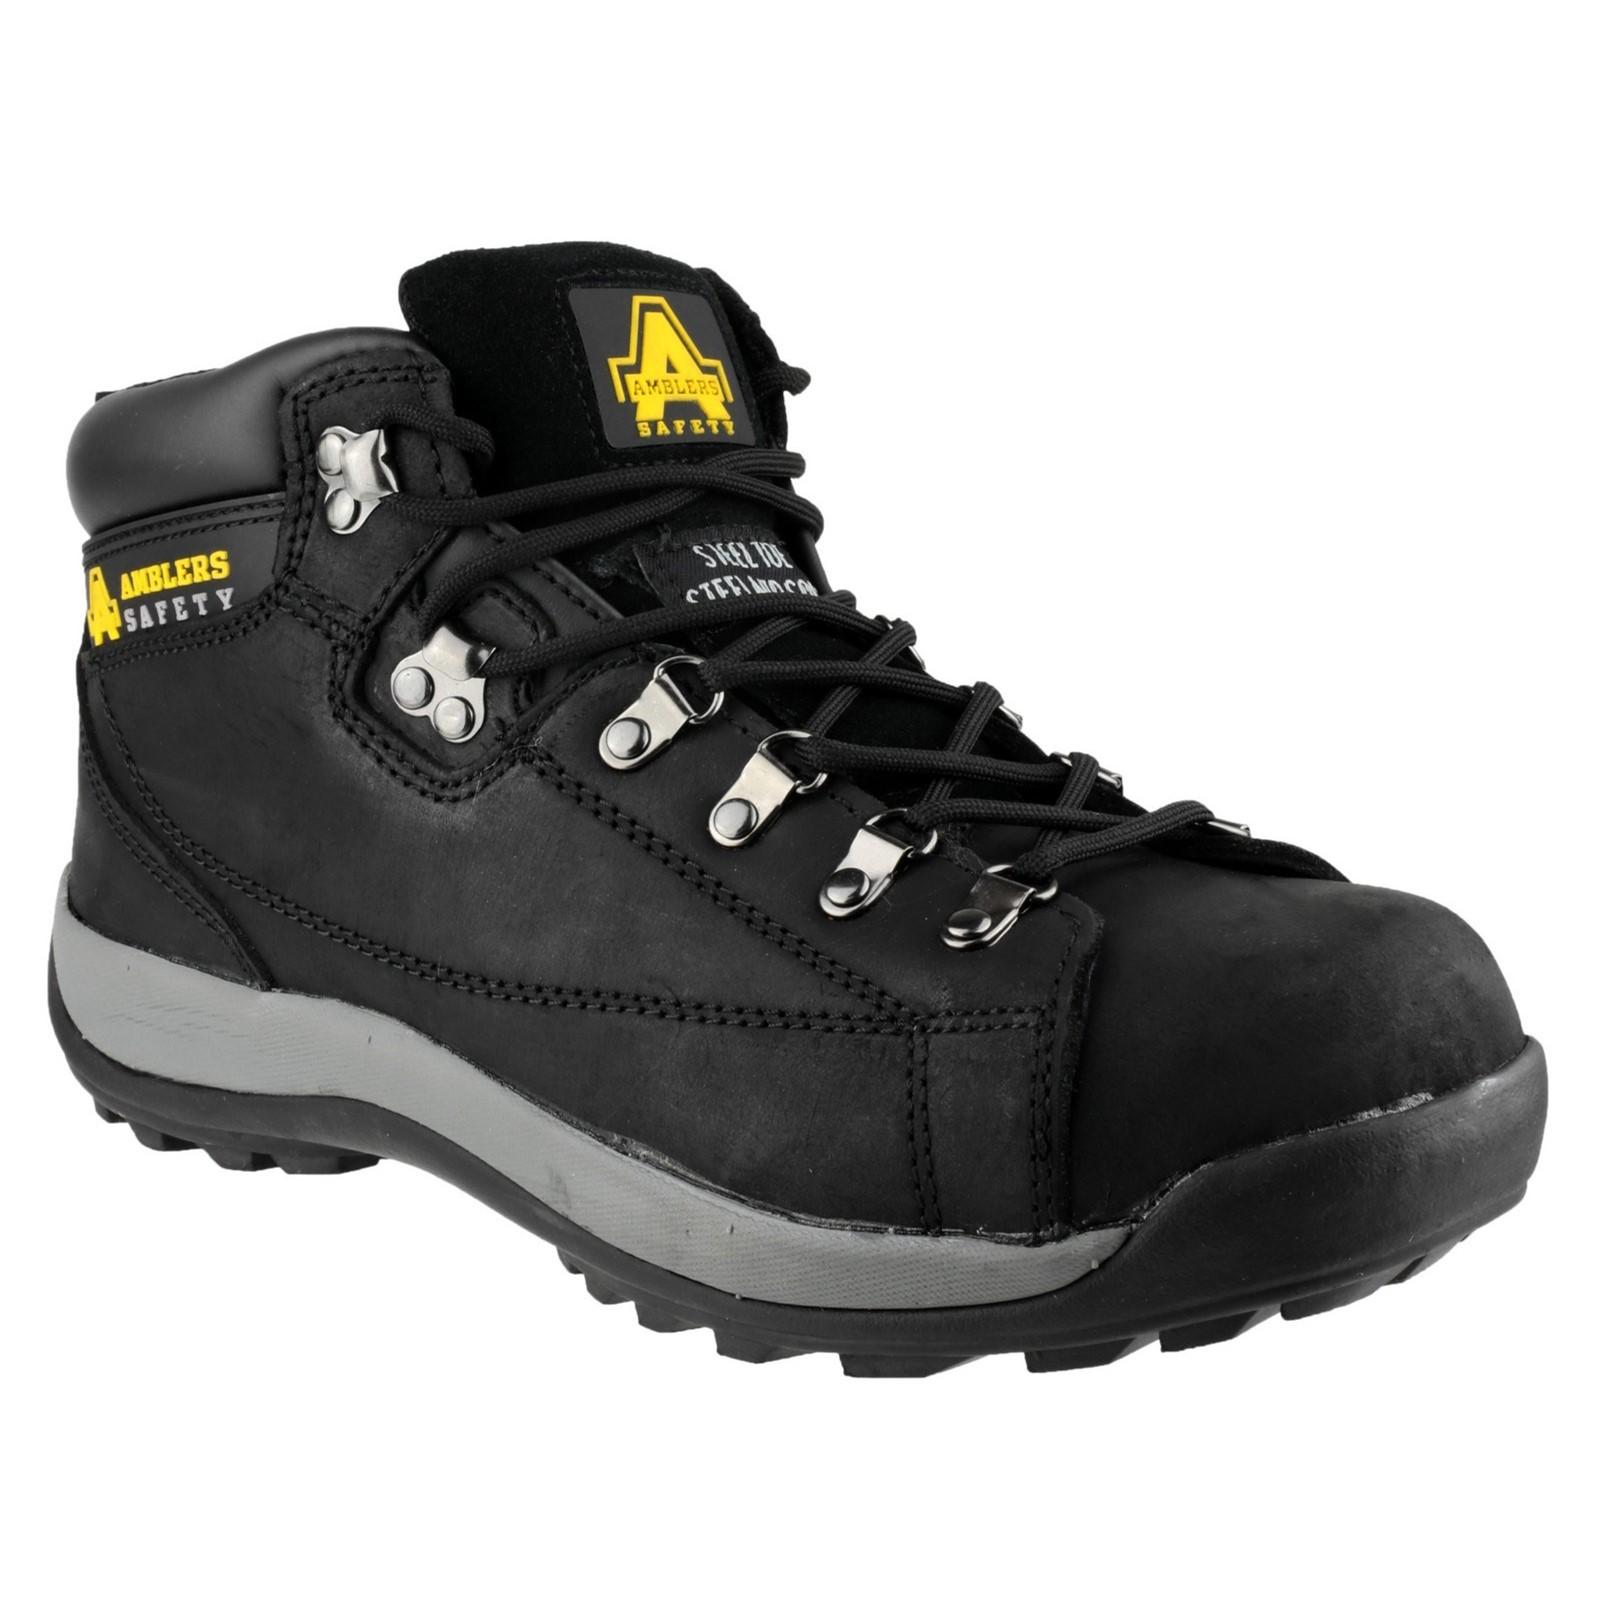 Amblers Seguridad Unisex FS123 Resistente Con Cordones botas De Seguridad